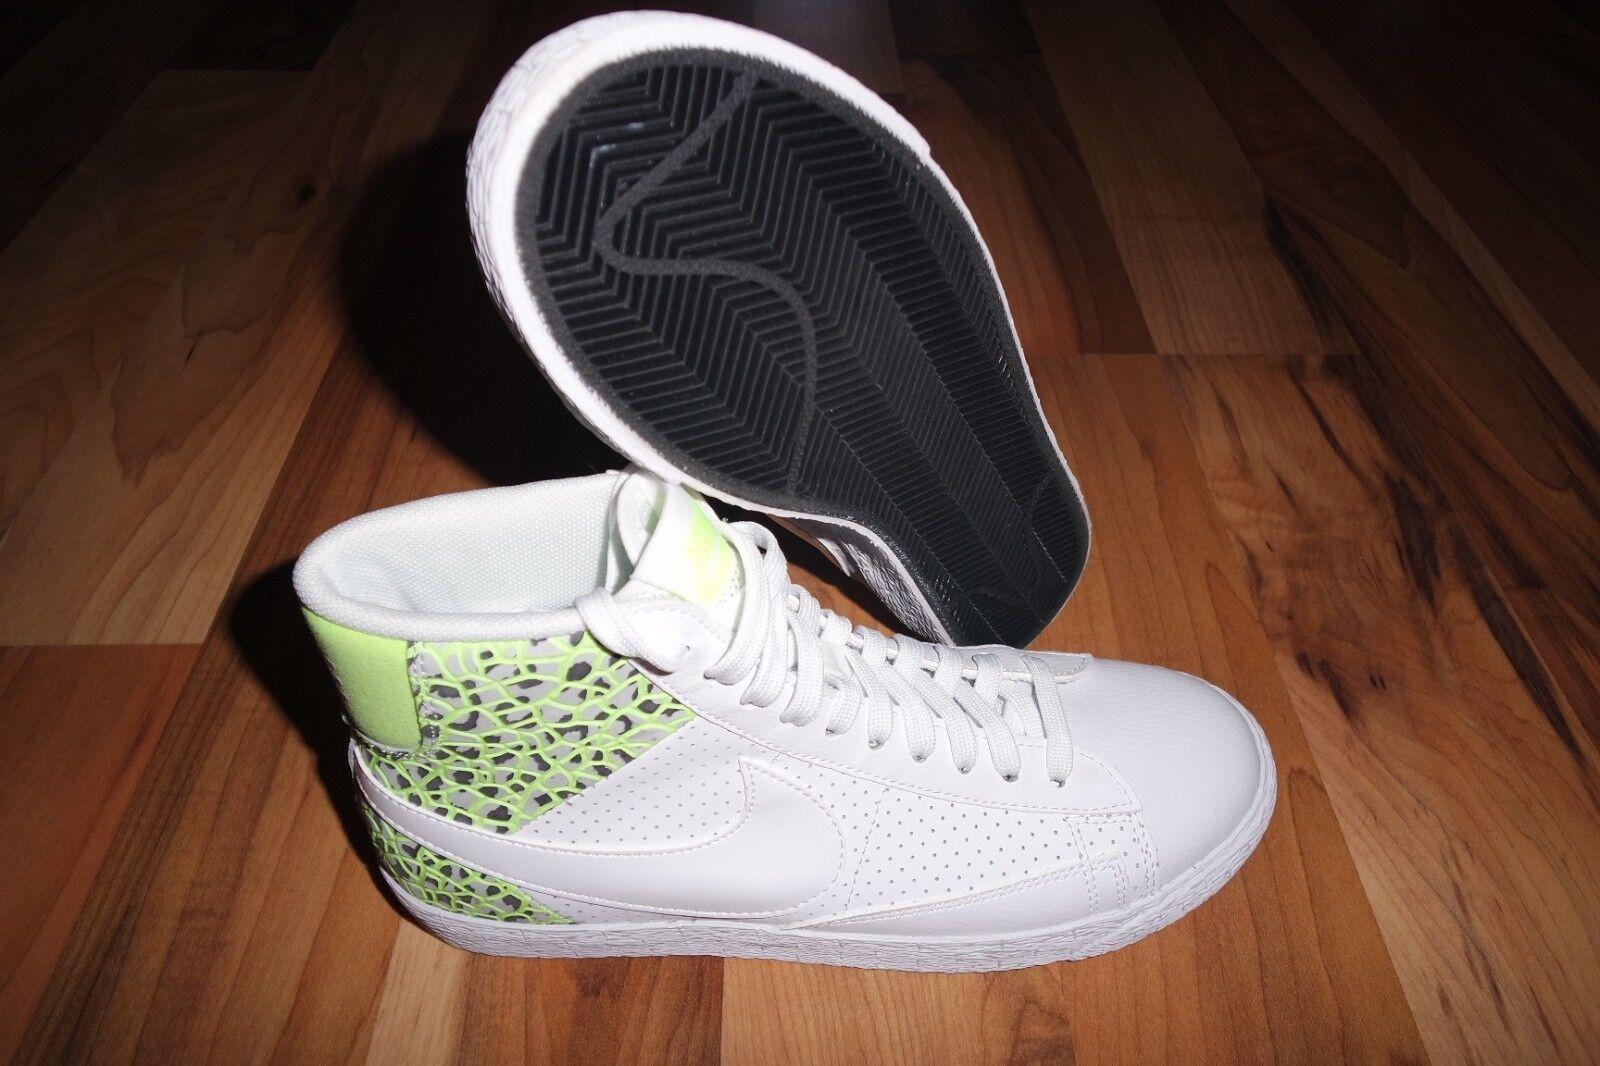 Para mujer Nike Blazer Blazer Blazer Mid Prm Hi Top Zapatillas Zapatos 403729 105 voltios blancoo 7.5 EU 38.5  promociones de descuento